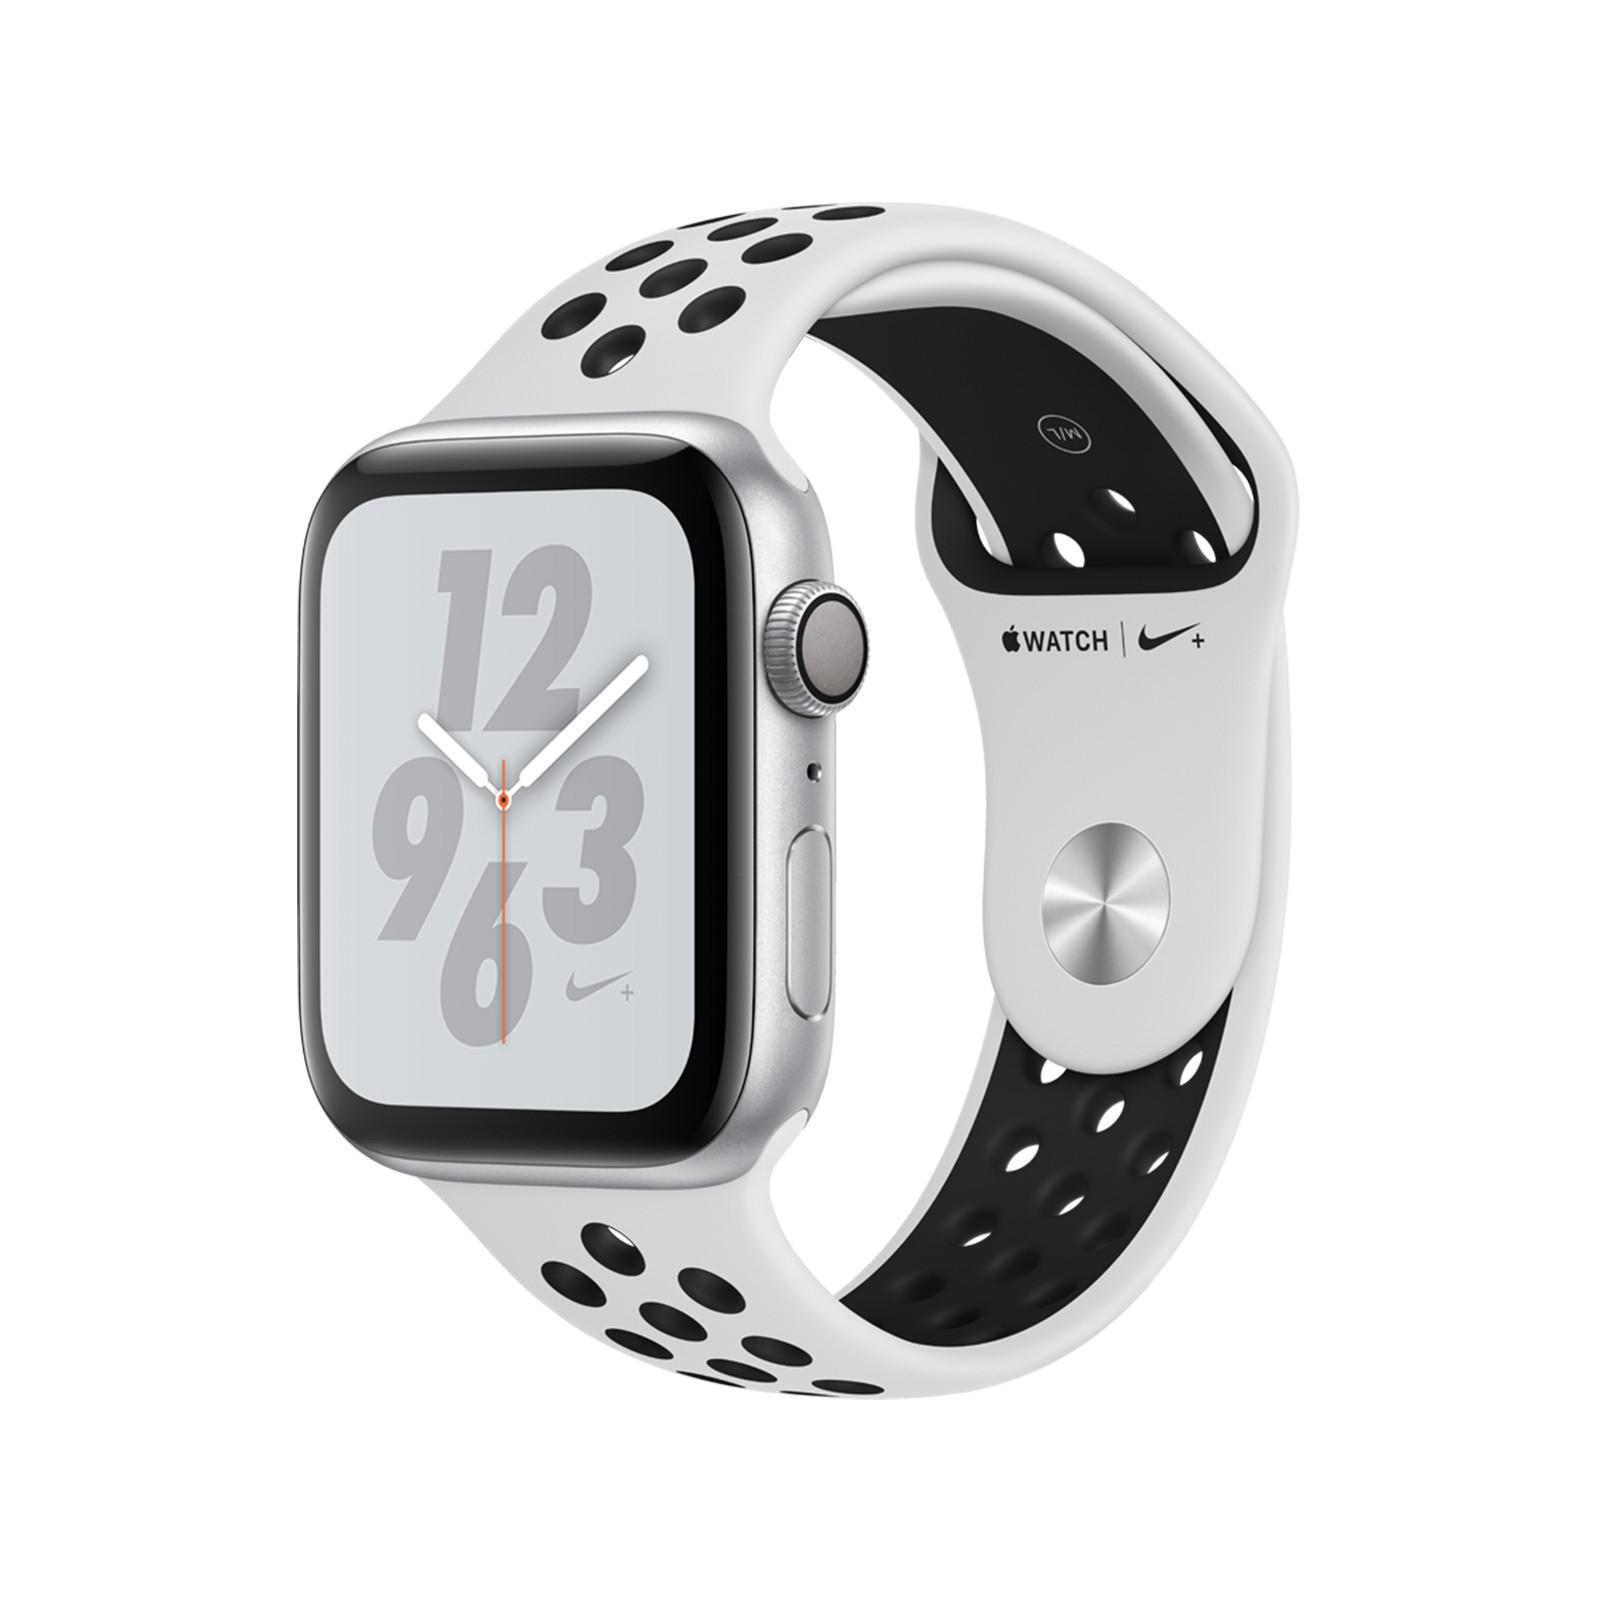 sección especial moda más deseable disfruta del precio de descuento Apple Watch Nike+ Series 2 42mm Silver Aluminum Case - Nerdy.co.za